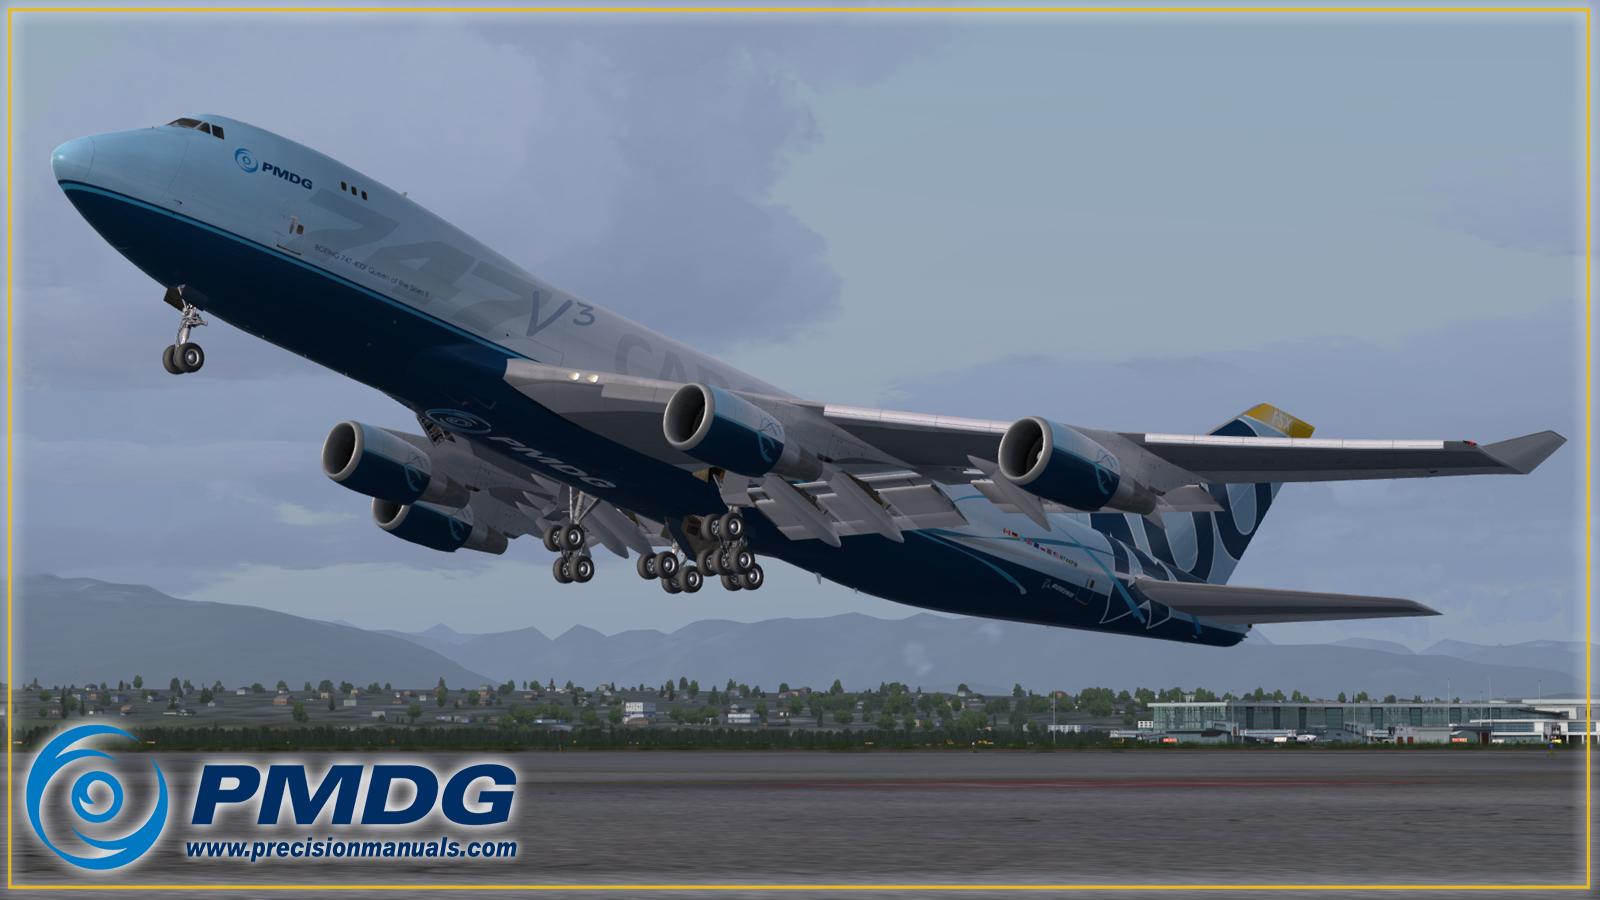 PMDG_744F_takeoff1.jpg